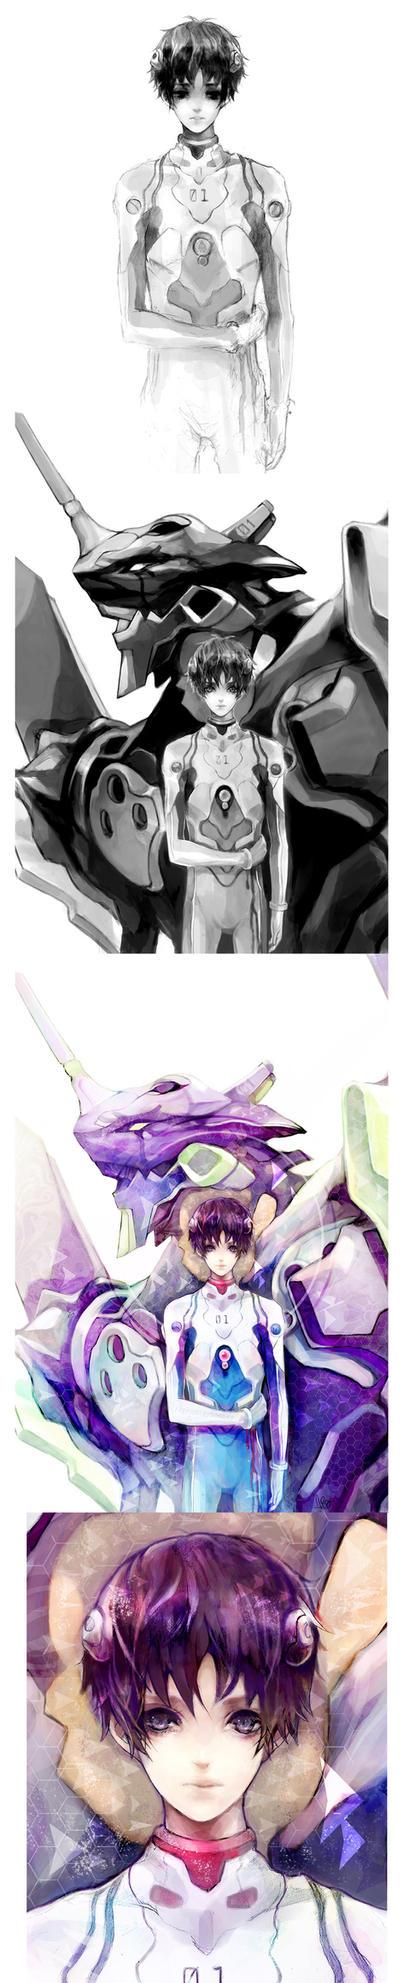 Progress Shots - Shinji by ProdigyBombay